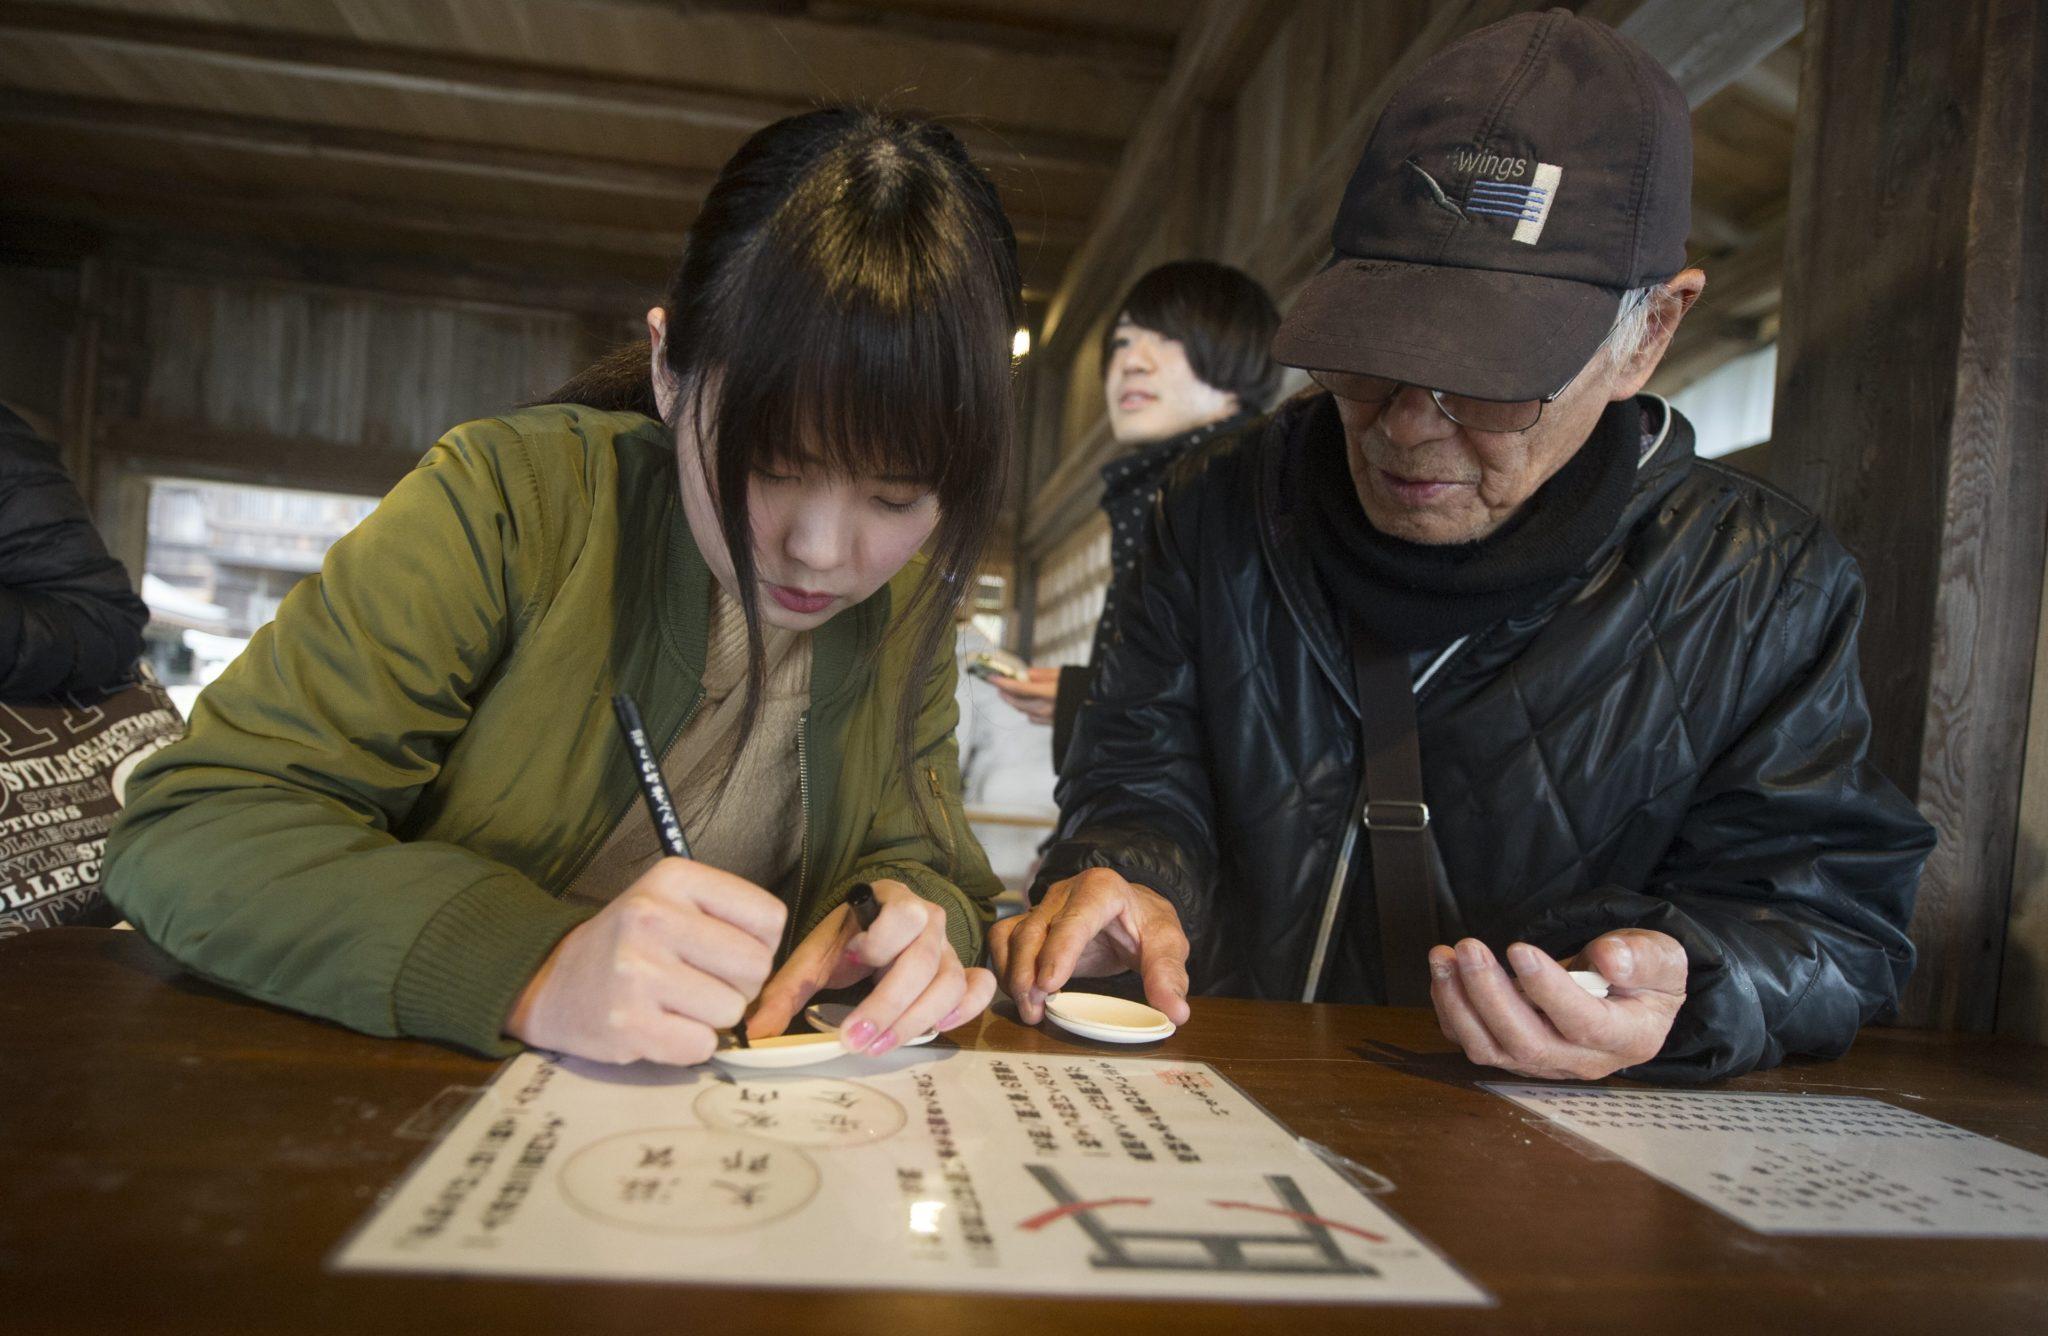 Japonia: Wyspa Chikubu, rytuał pisania życzeń na glinianych tabliczkach, fot: Everett Kennedy Brown, PAP/EPA